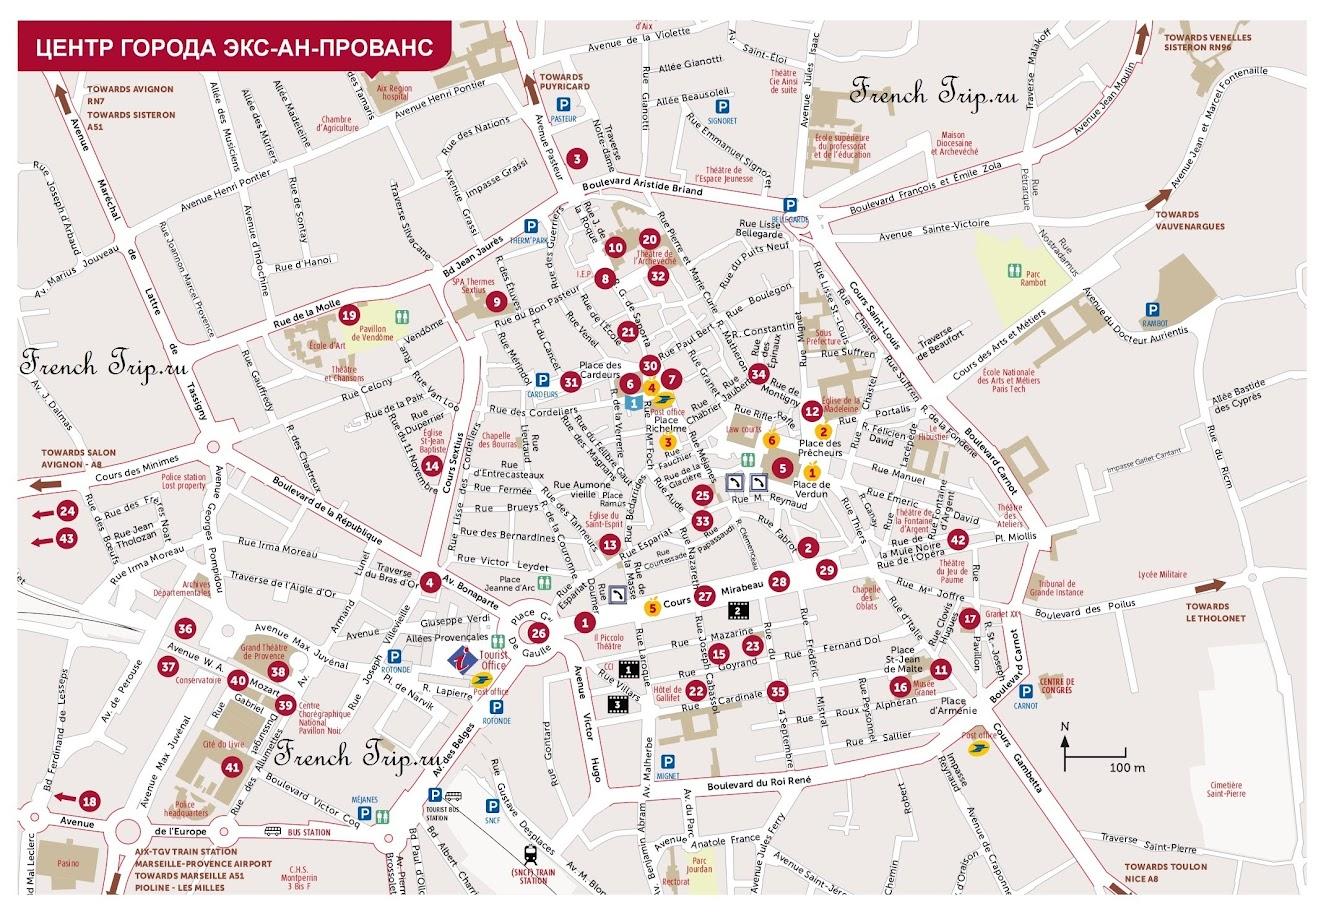 Карта Экс-ан-Прованса с отмеченными достопримечательностями